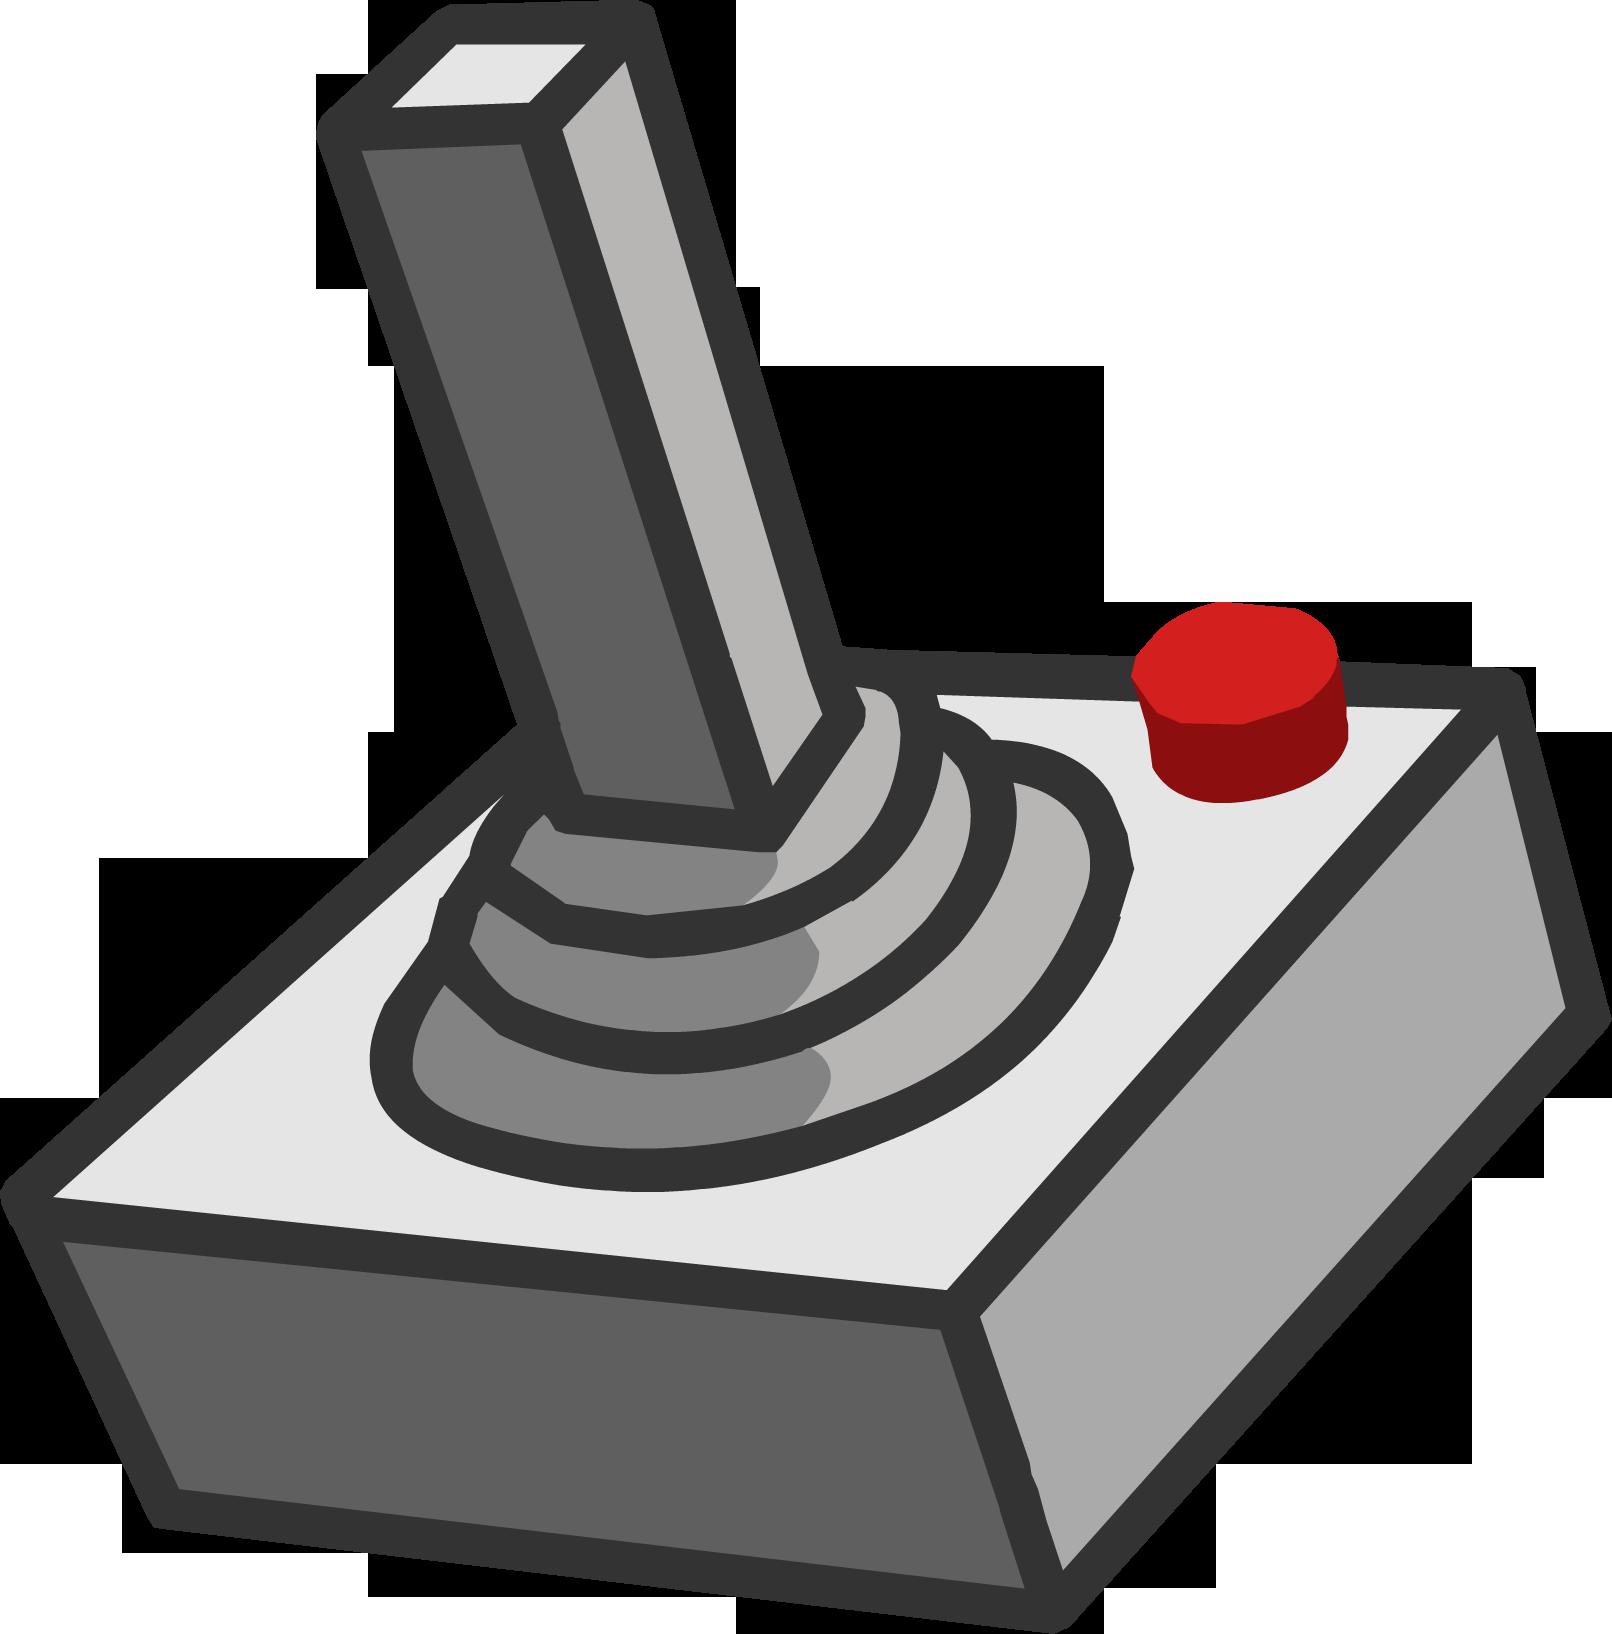 Retro Joystick Club Penguin Wiki Fandom Powered By Wikia